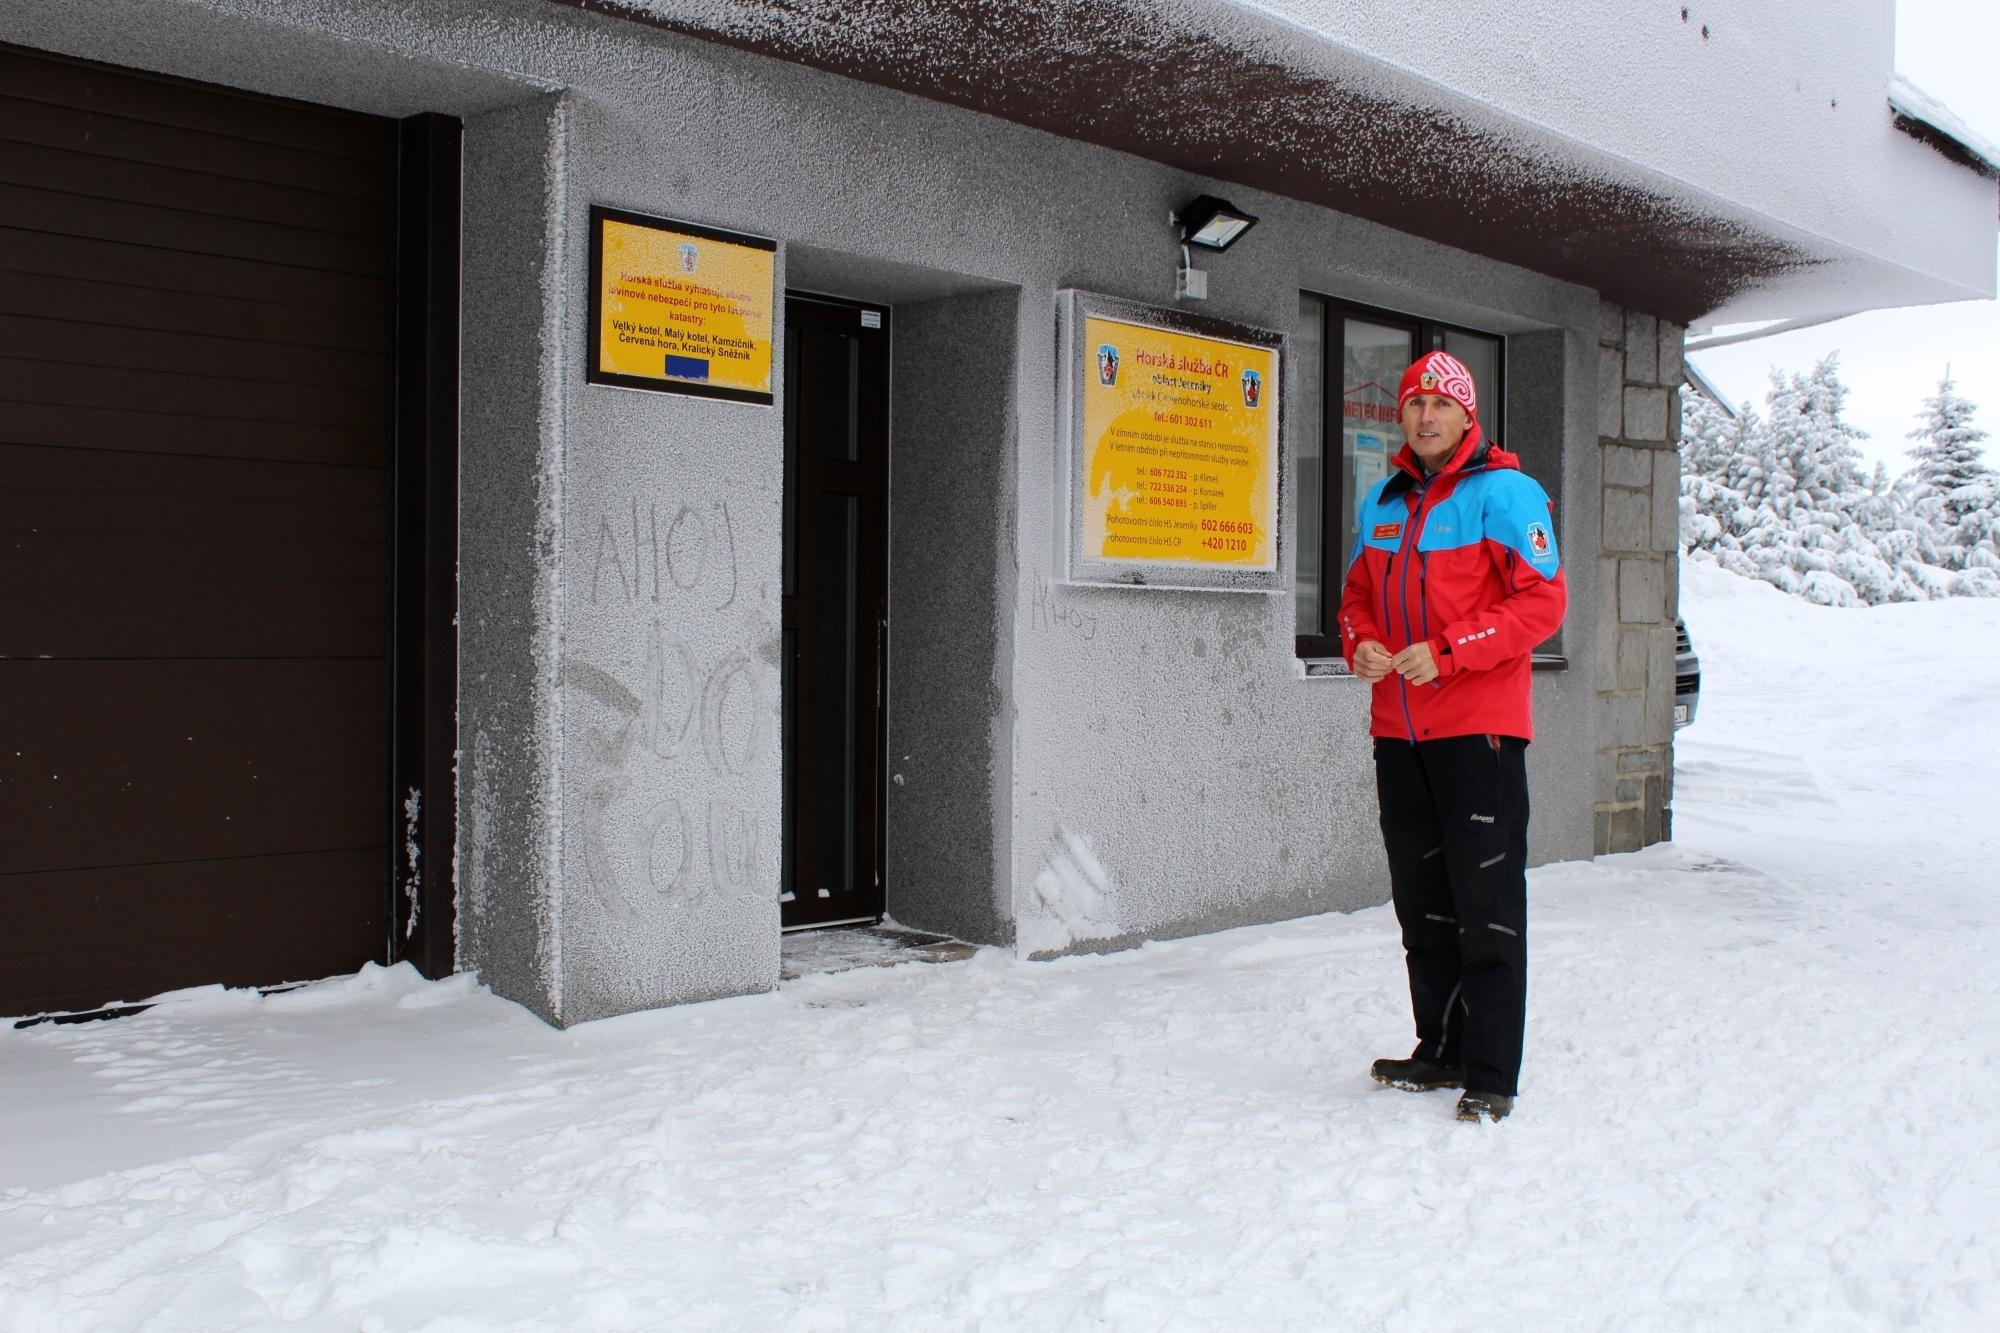 Náčelník Horské služby Michal Klimeš